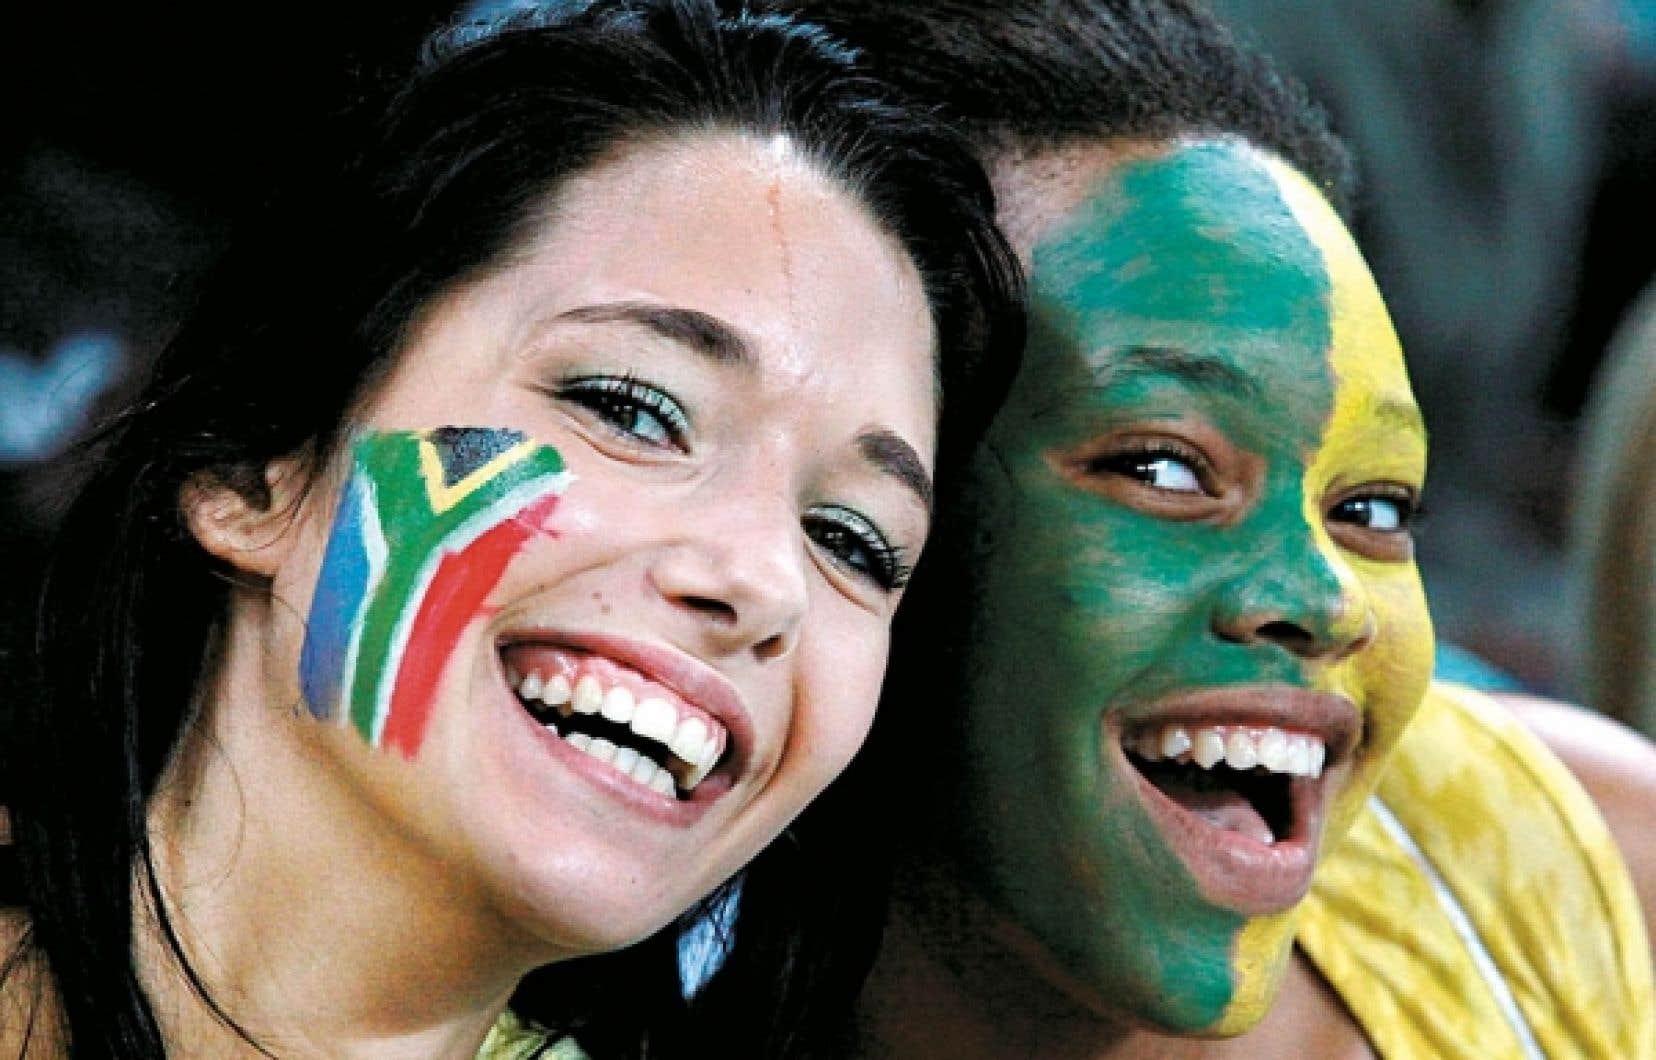 Deux fans de l'équipe nationale sud-africaine, Bafana Bafana